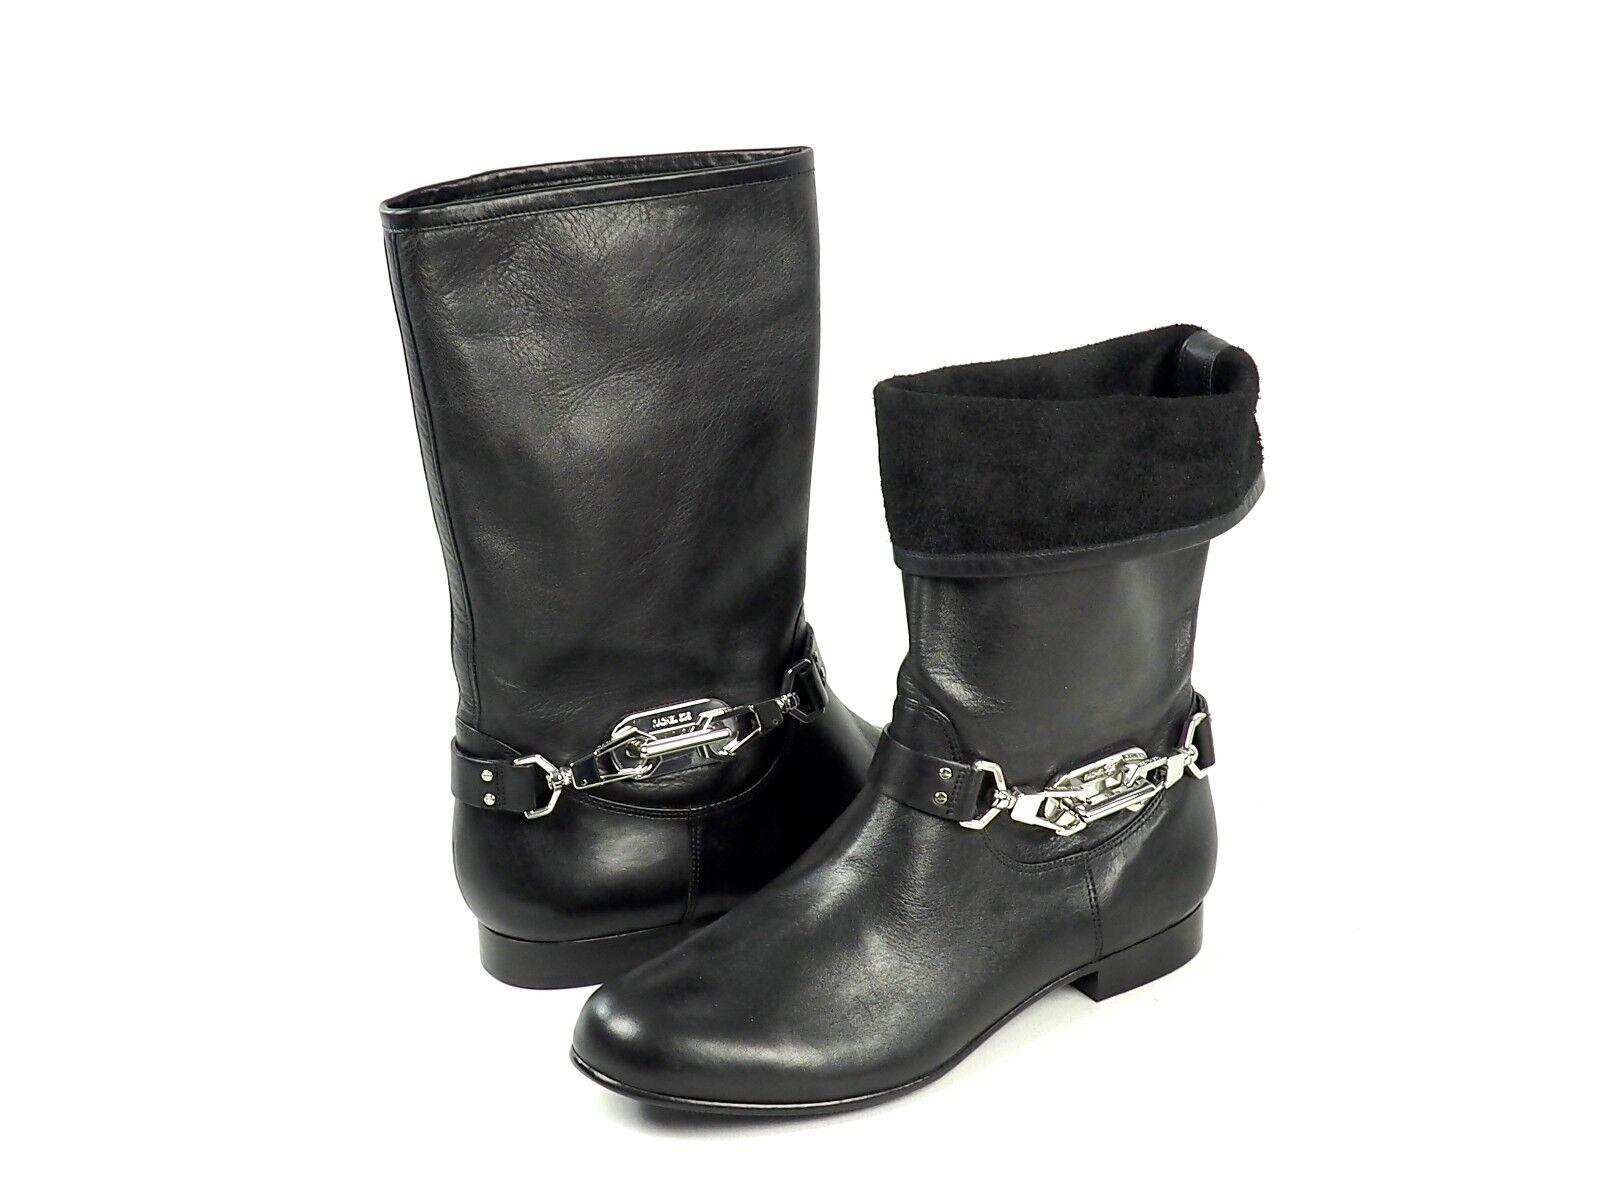 RACHEL ZOE  STYLISCHE STIEFELETTEN Stiefel  Leder Schwarz  GR. 38,5 NEU ( )    | Räumungsverkauf